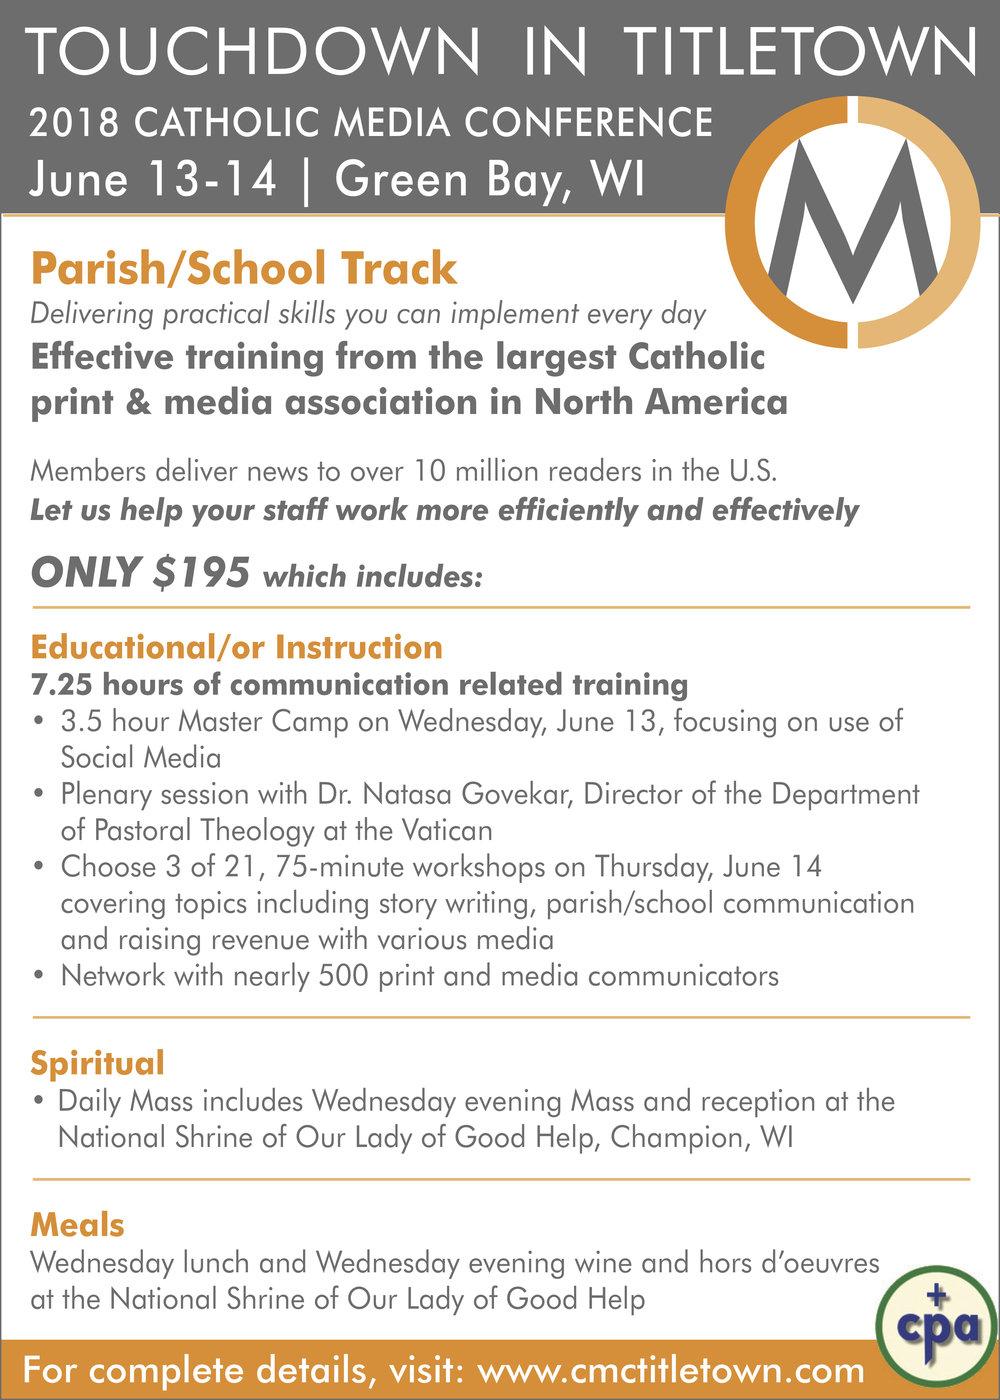 Large Promo Ad #4Parish/School Focus - PDF format file with 5